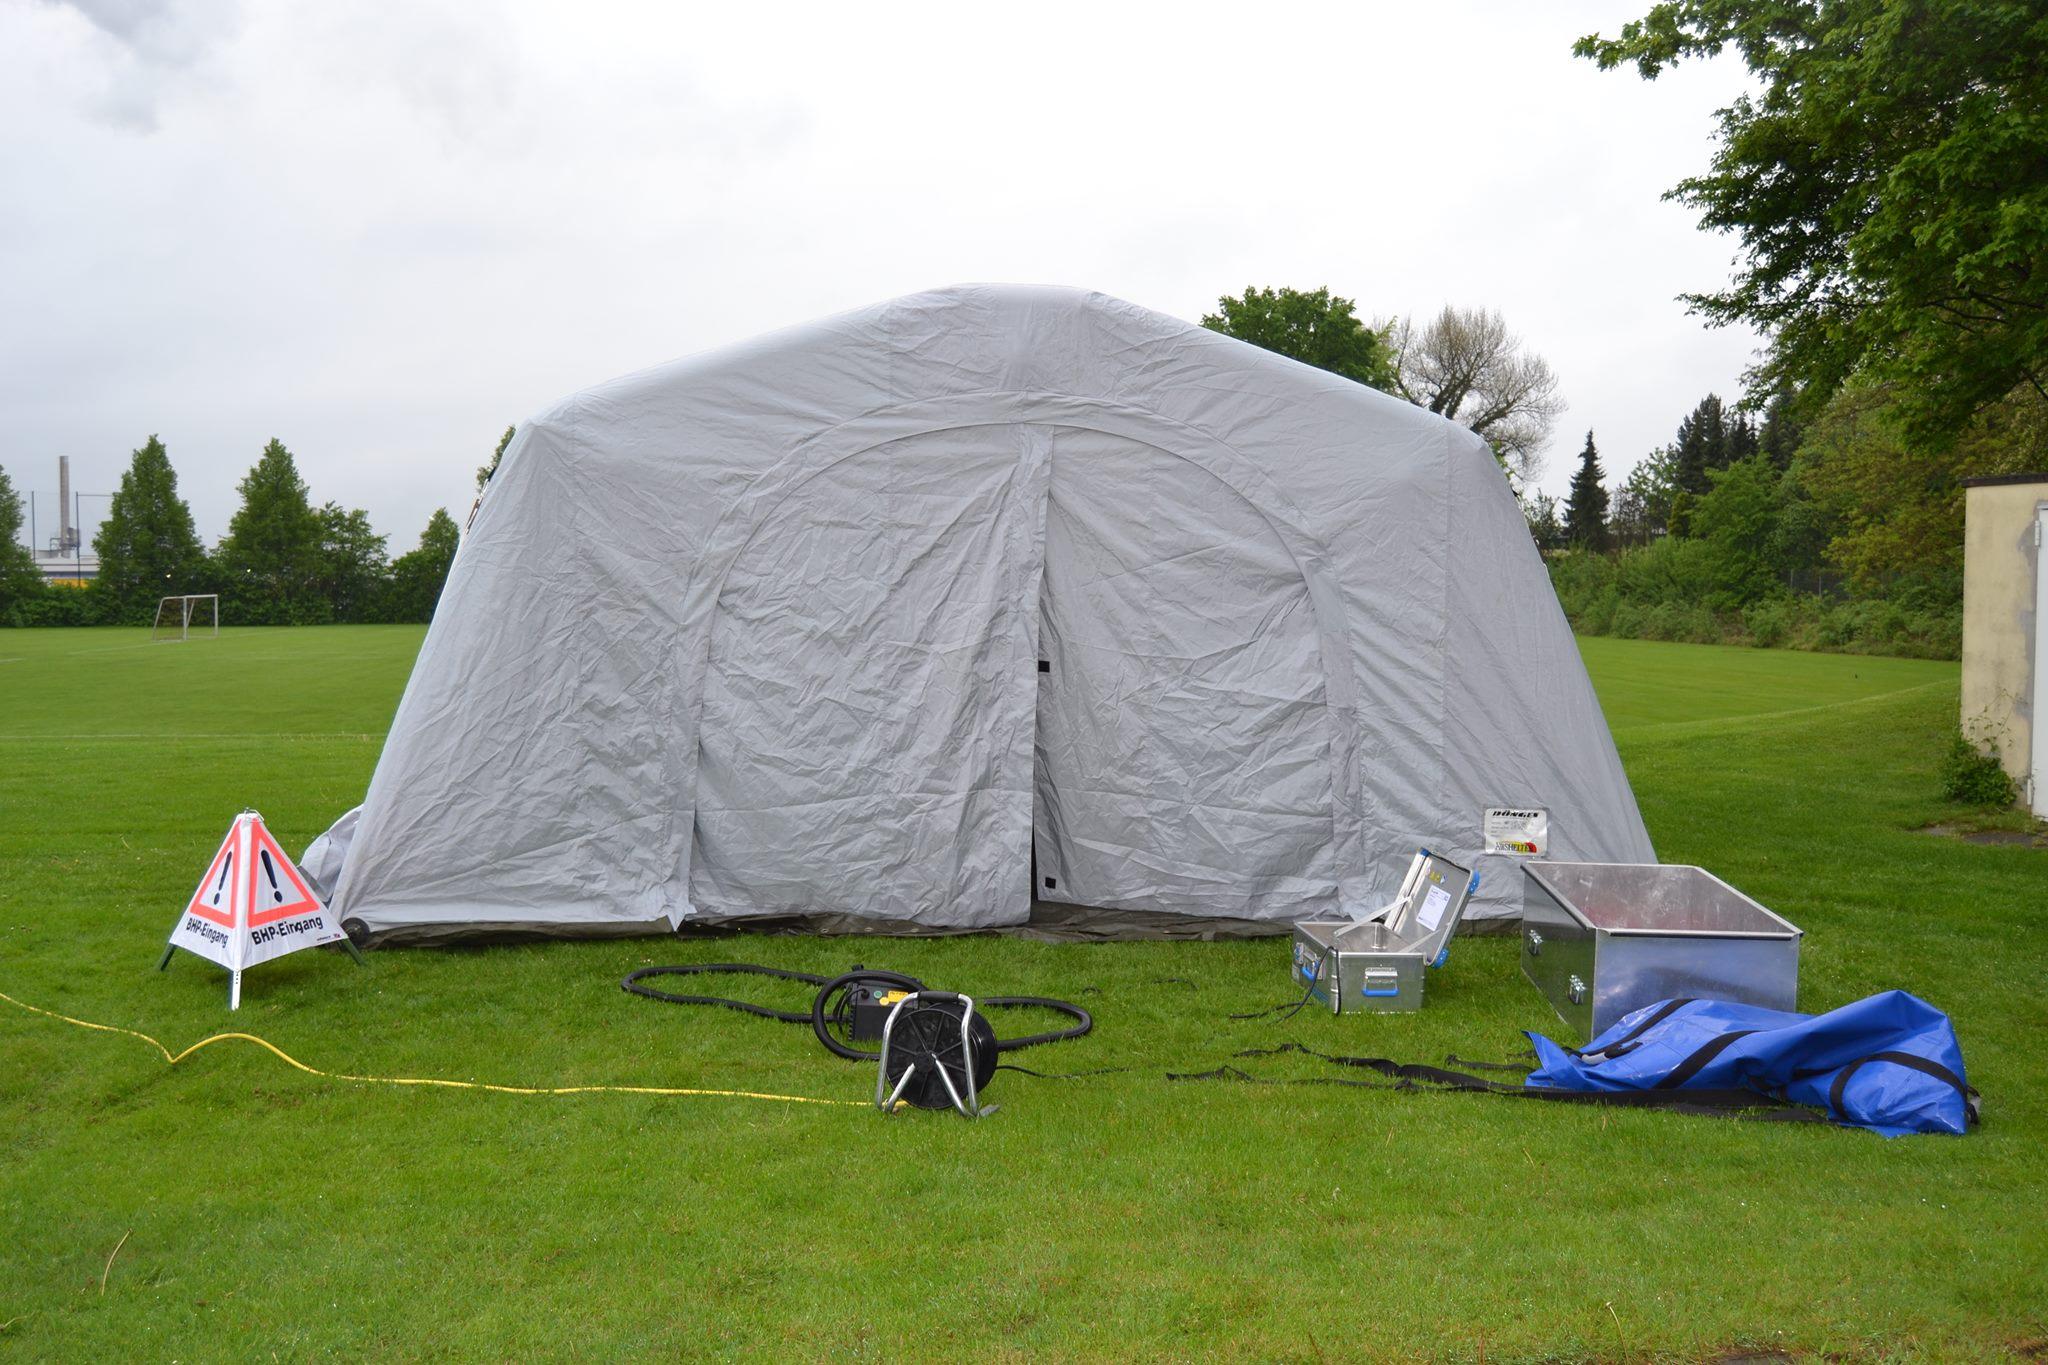 In BGL dürfen Menschen nicht in Zelten lagern!